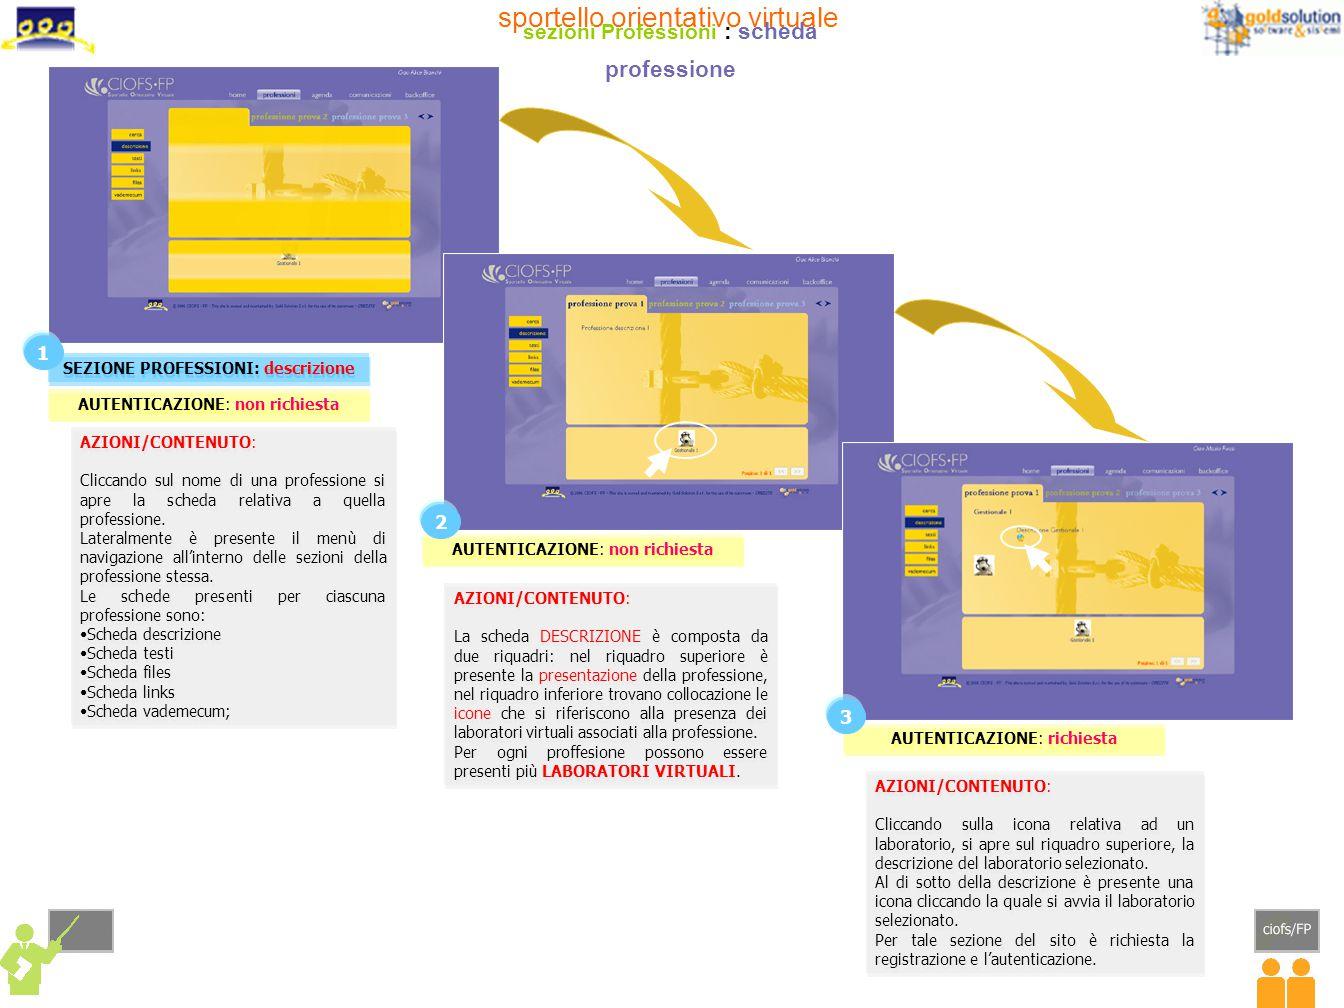 AZIONI/CONTENUTO: Le schede di descrizione delle professioni sono di tre colori: gialla, verde, celeste.